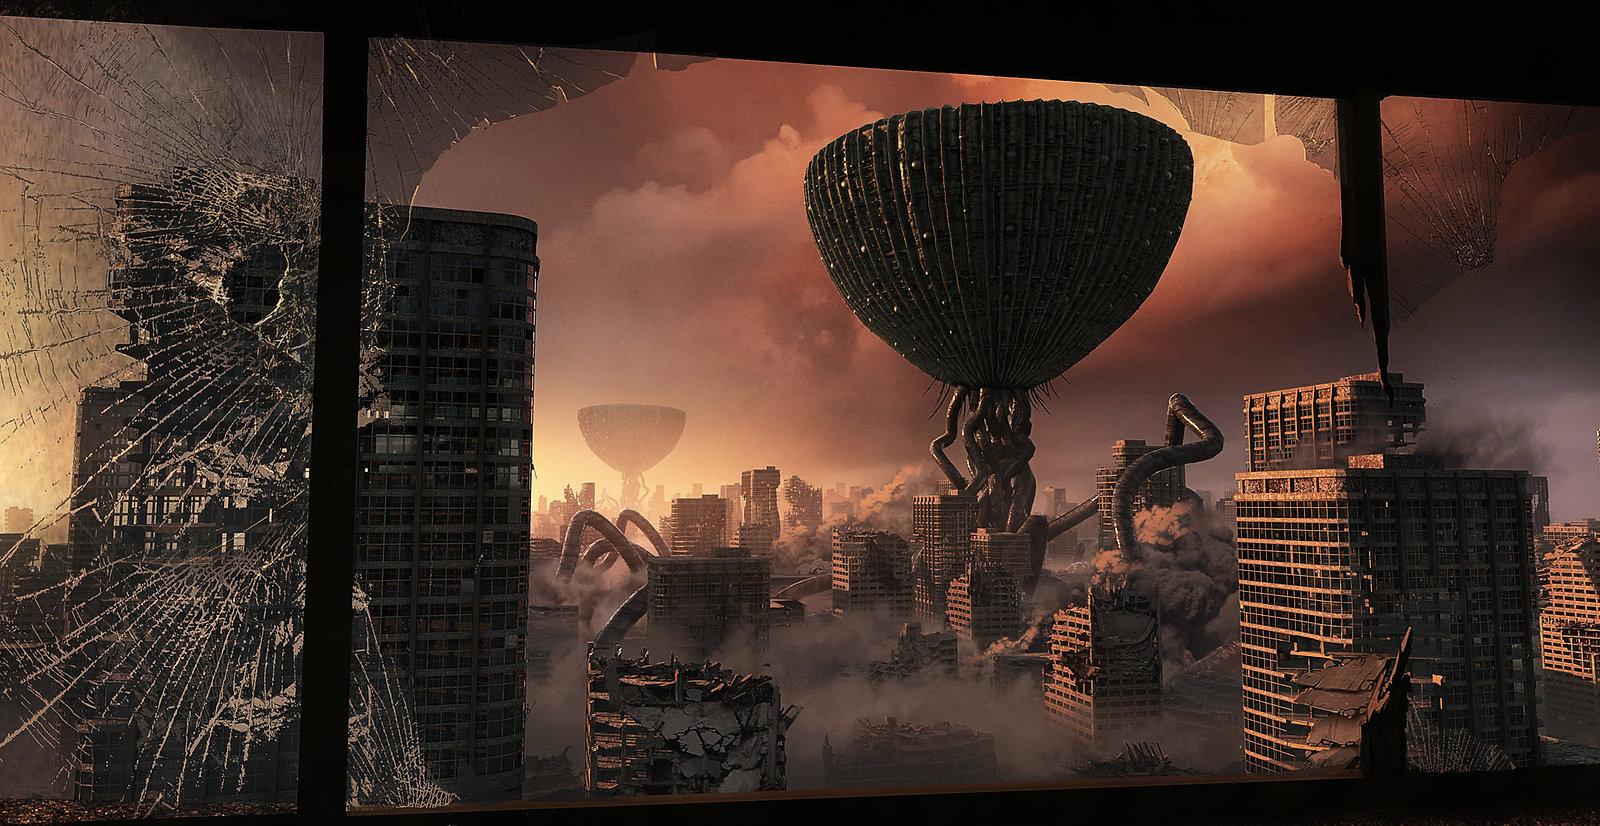 warzone-scene2.jpg